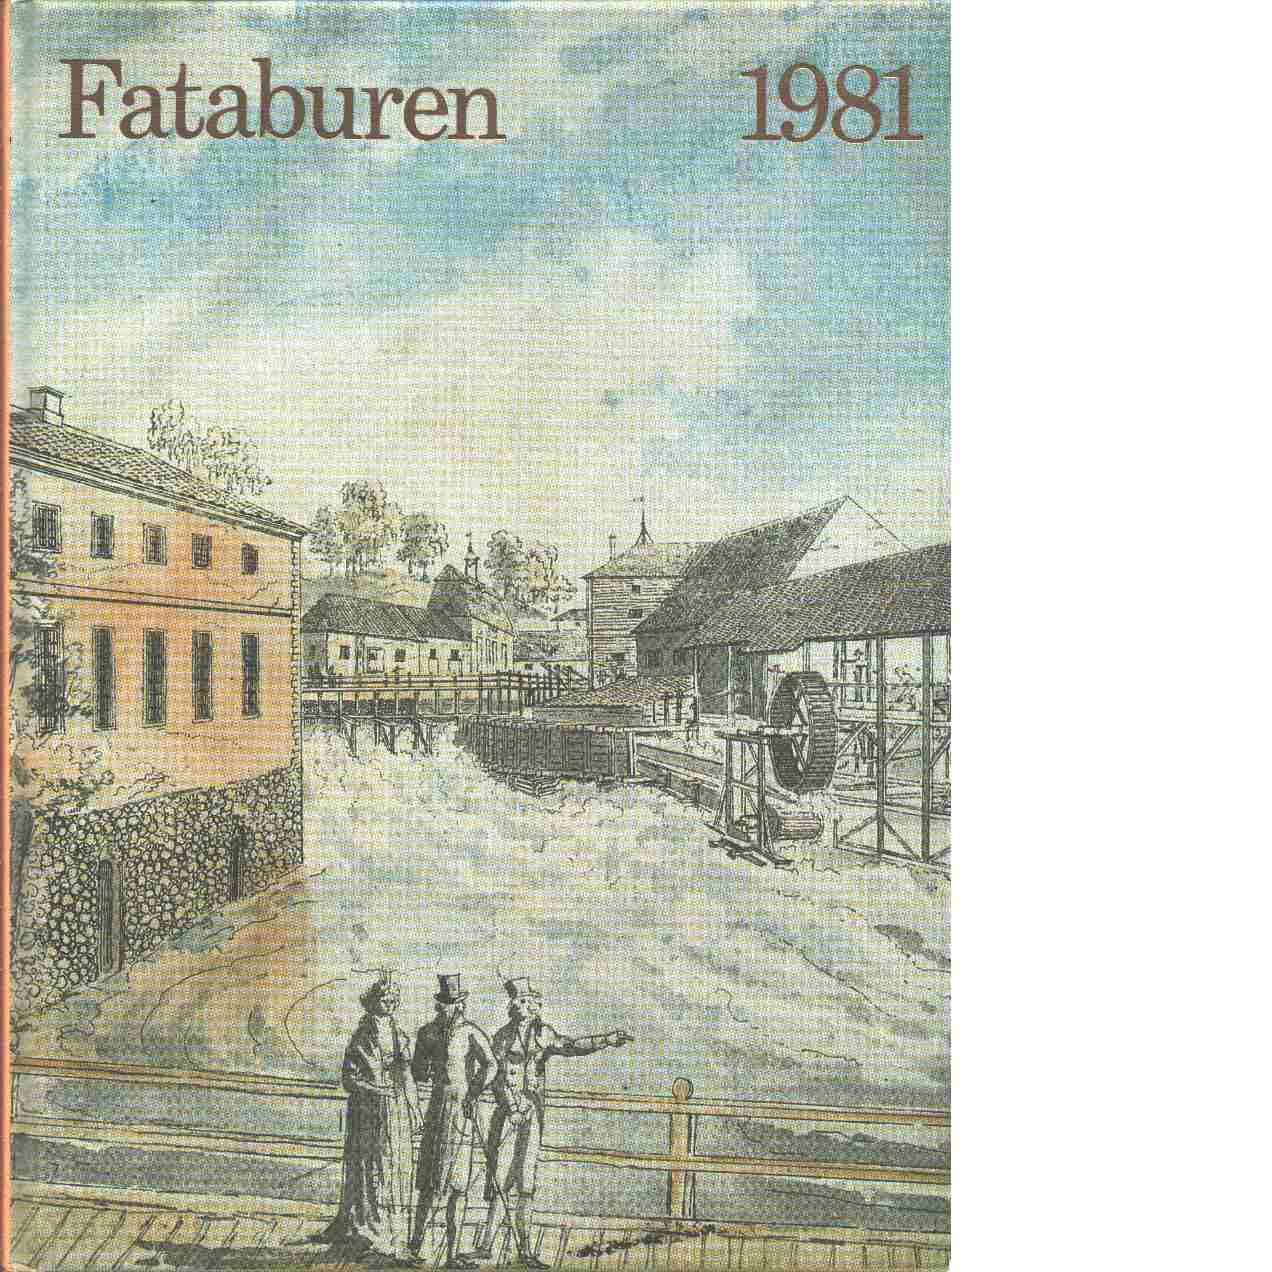 Fataburen : Nordiska museets och Skansens årsbok. 1981 - Red.